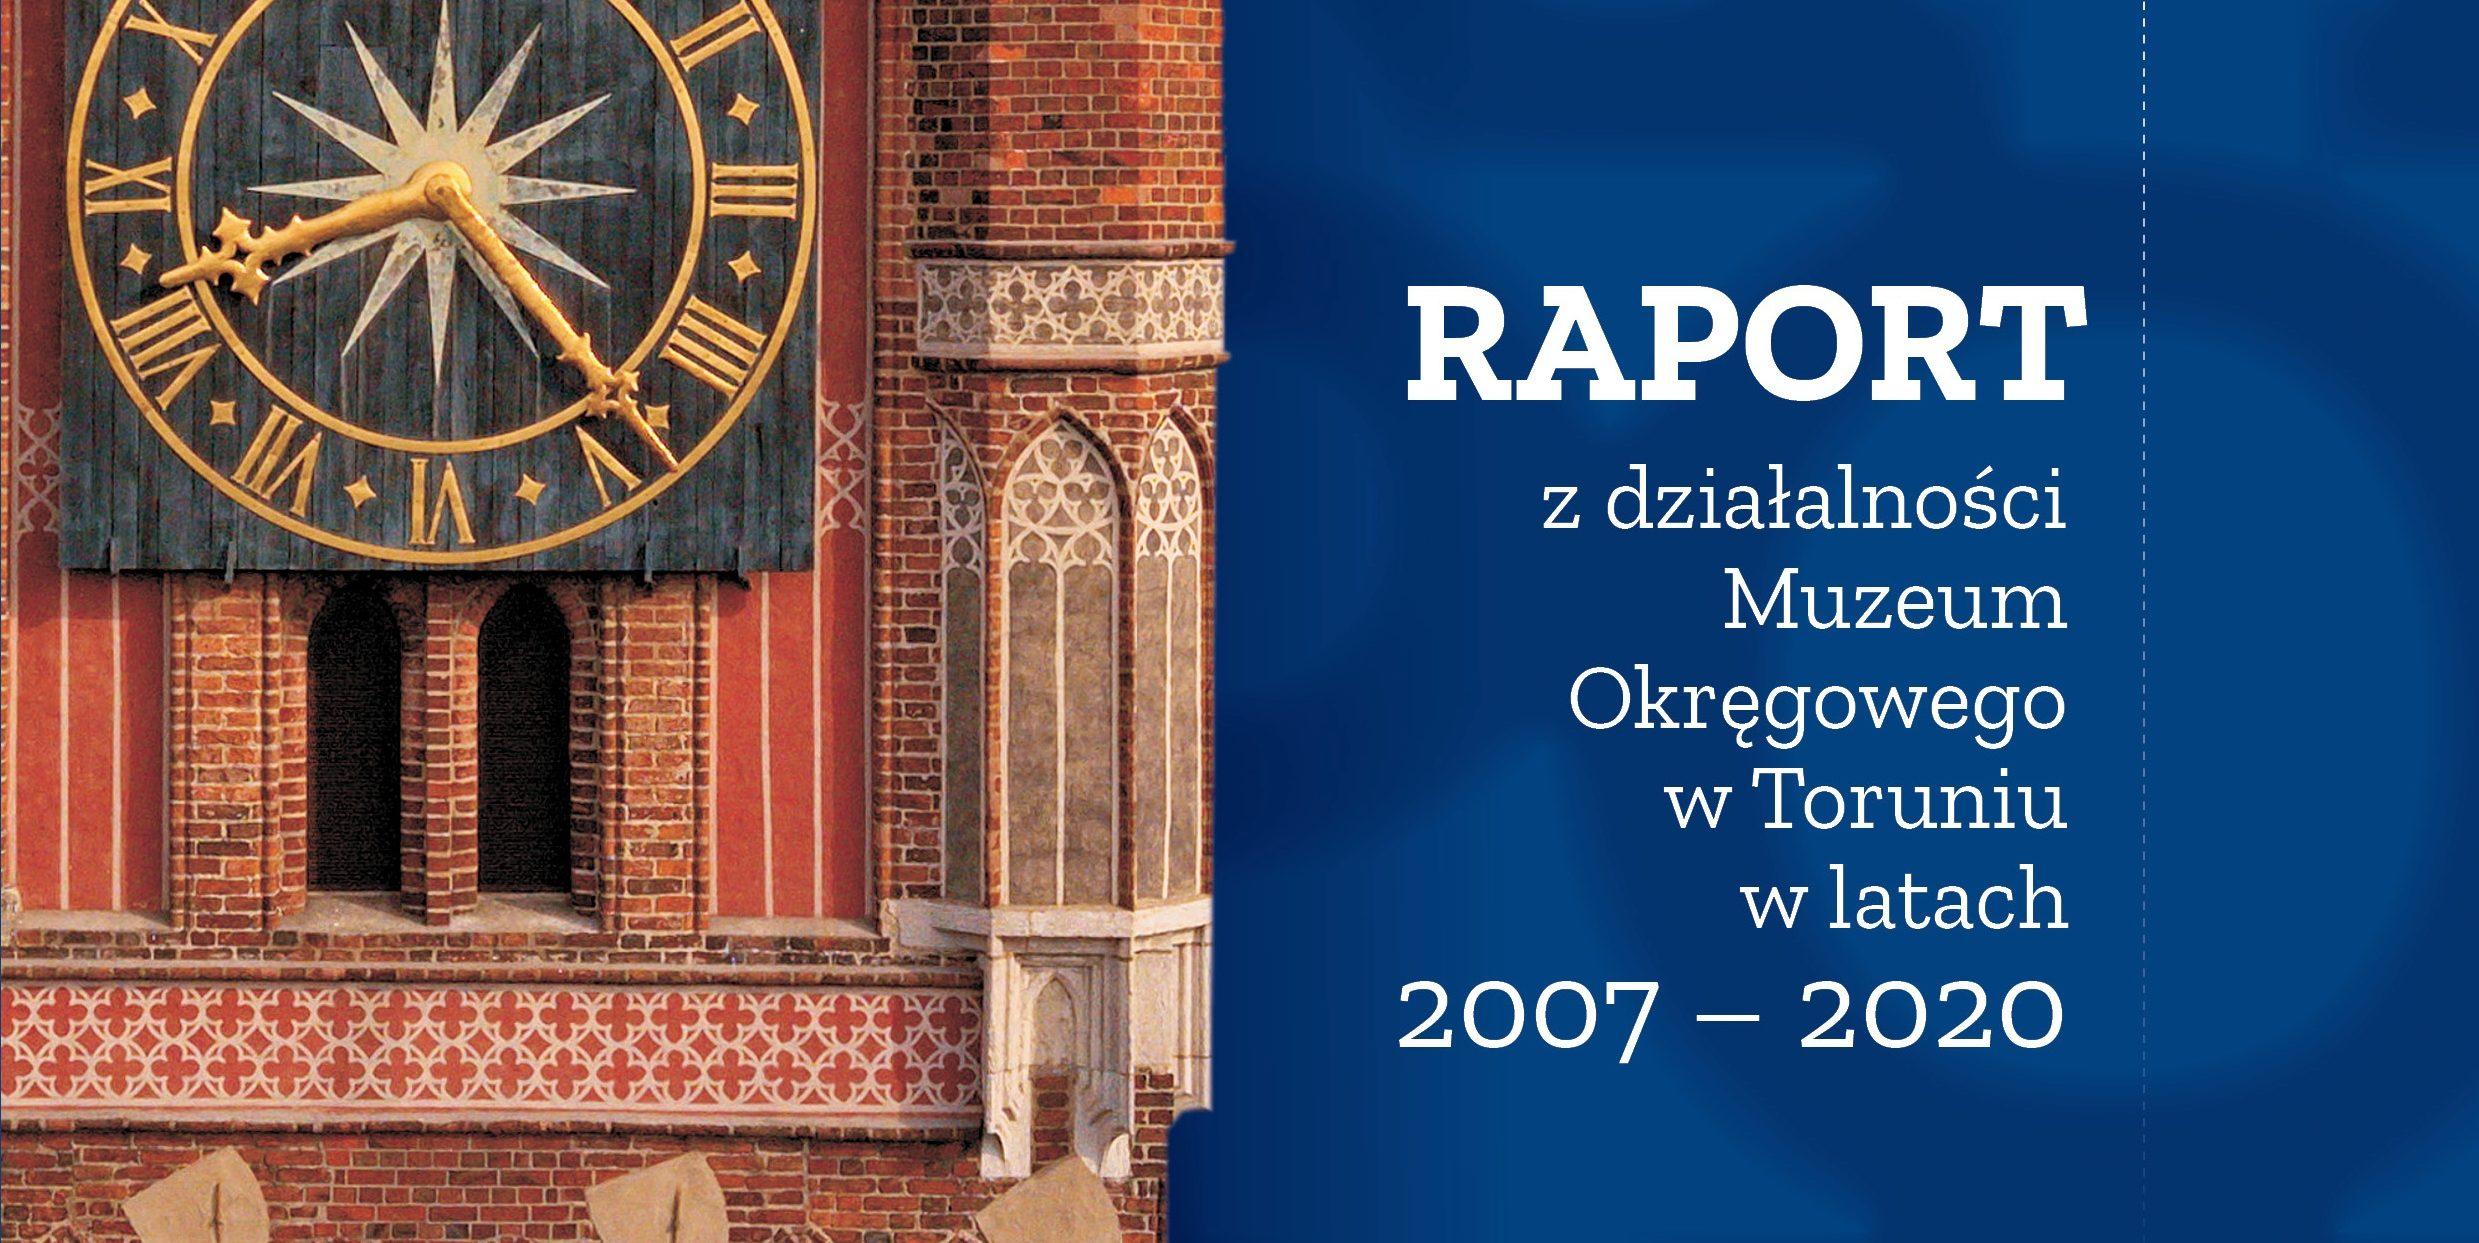 Raport z działalności Muzeum Okręgowego w Toruniu w latach 2007-2020